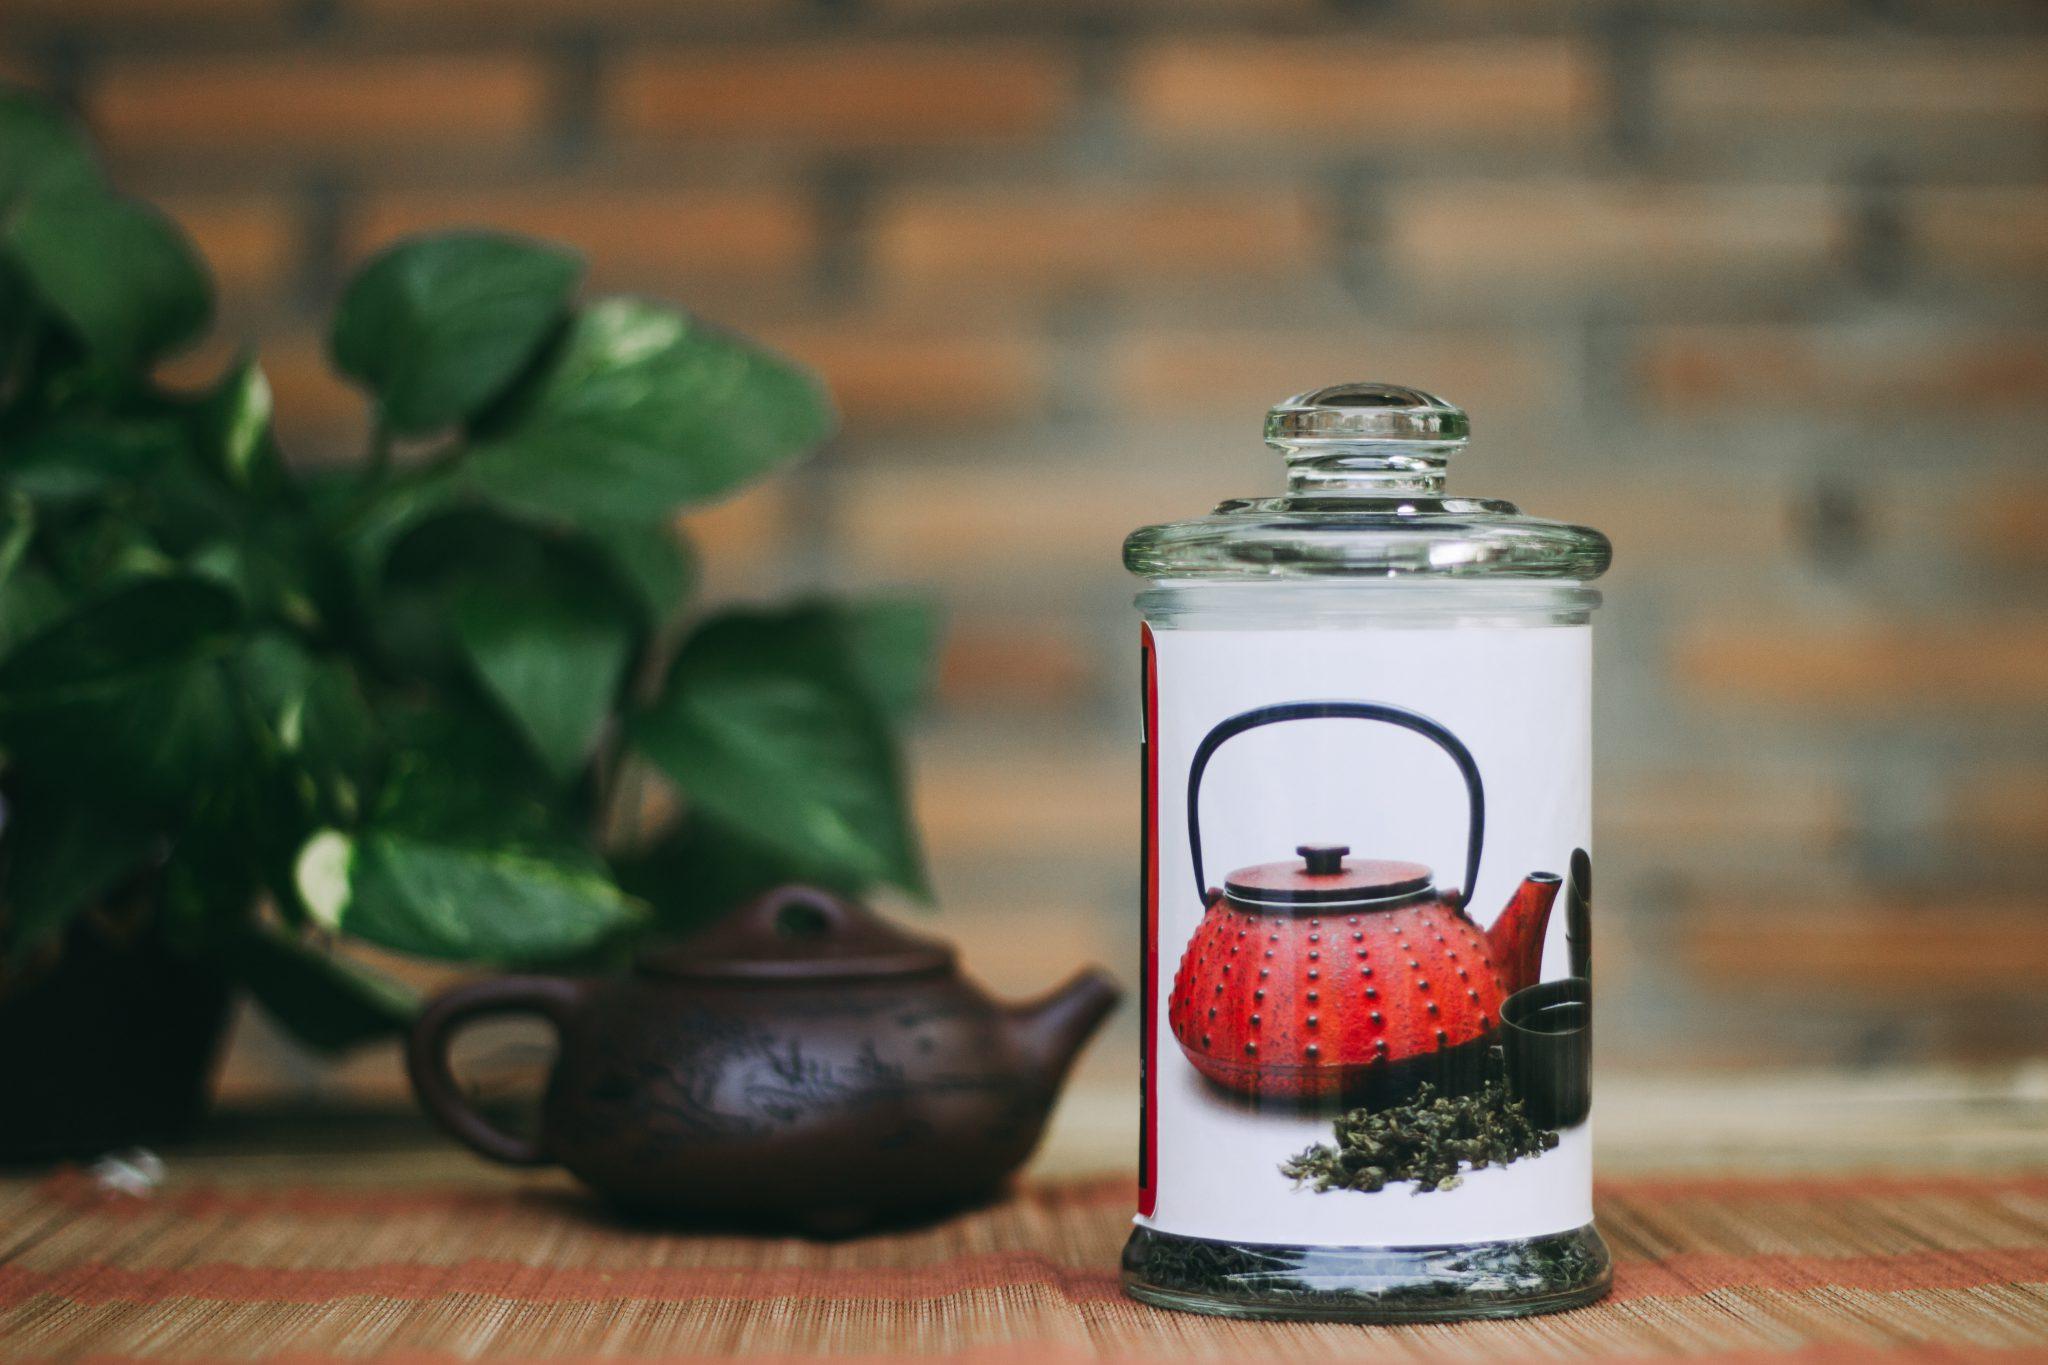 Bảo quản chè búp nõn thái nguyên trong hũ thủy tinh đục và đậy kín nắp giúp trà không dễ dang bị bay hương